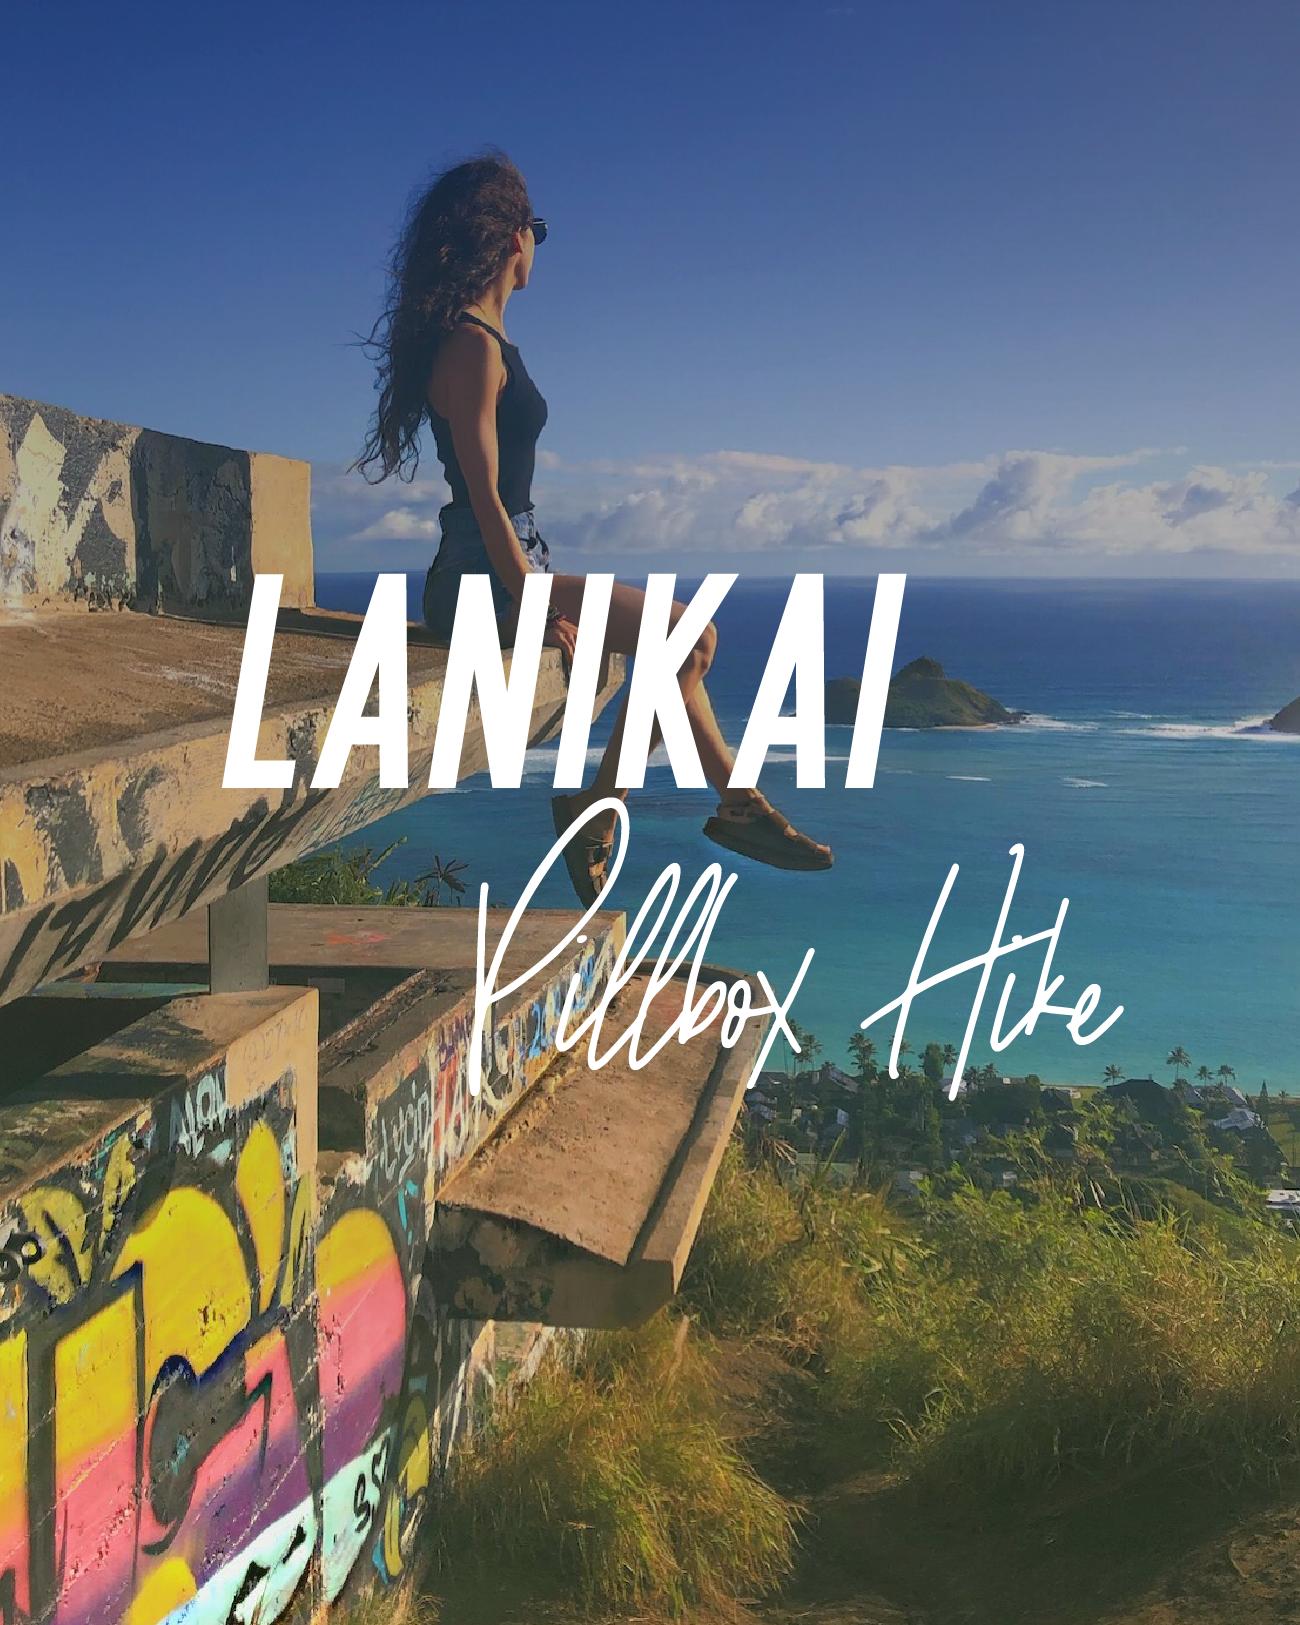 Lanikai Pillbox Hike, Oahu Hawaii